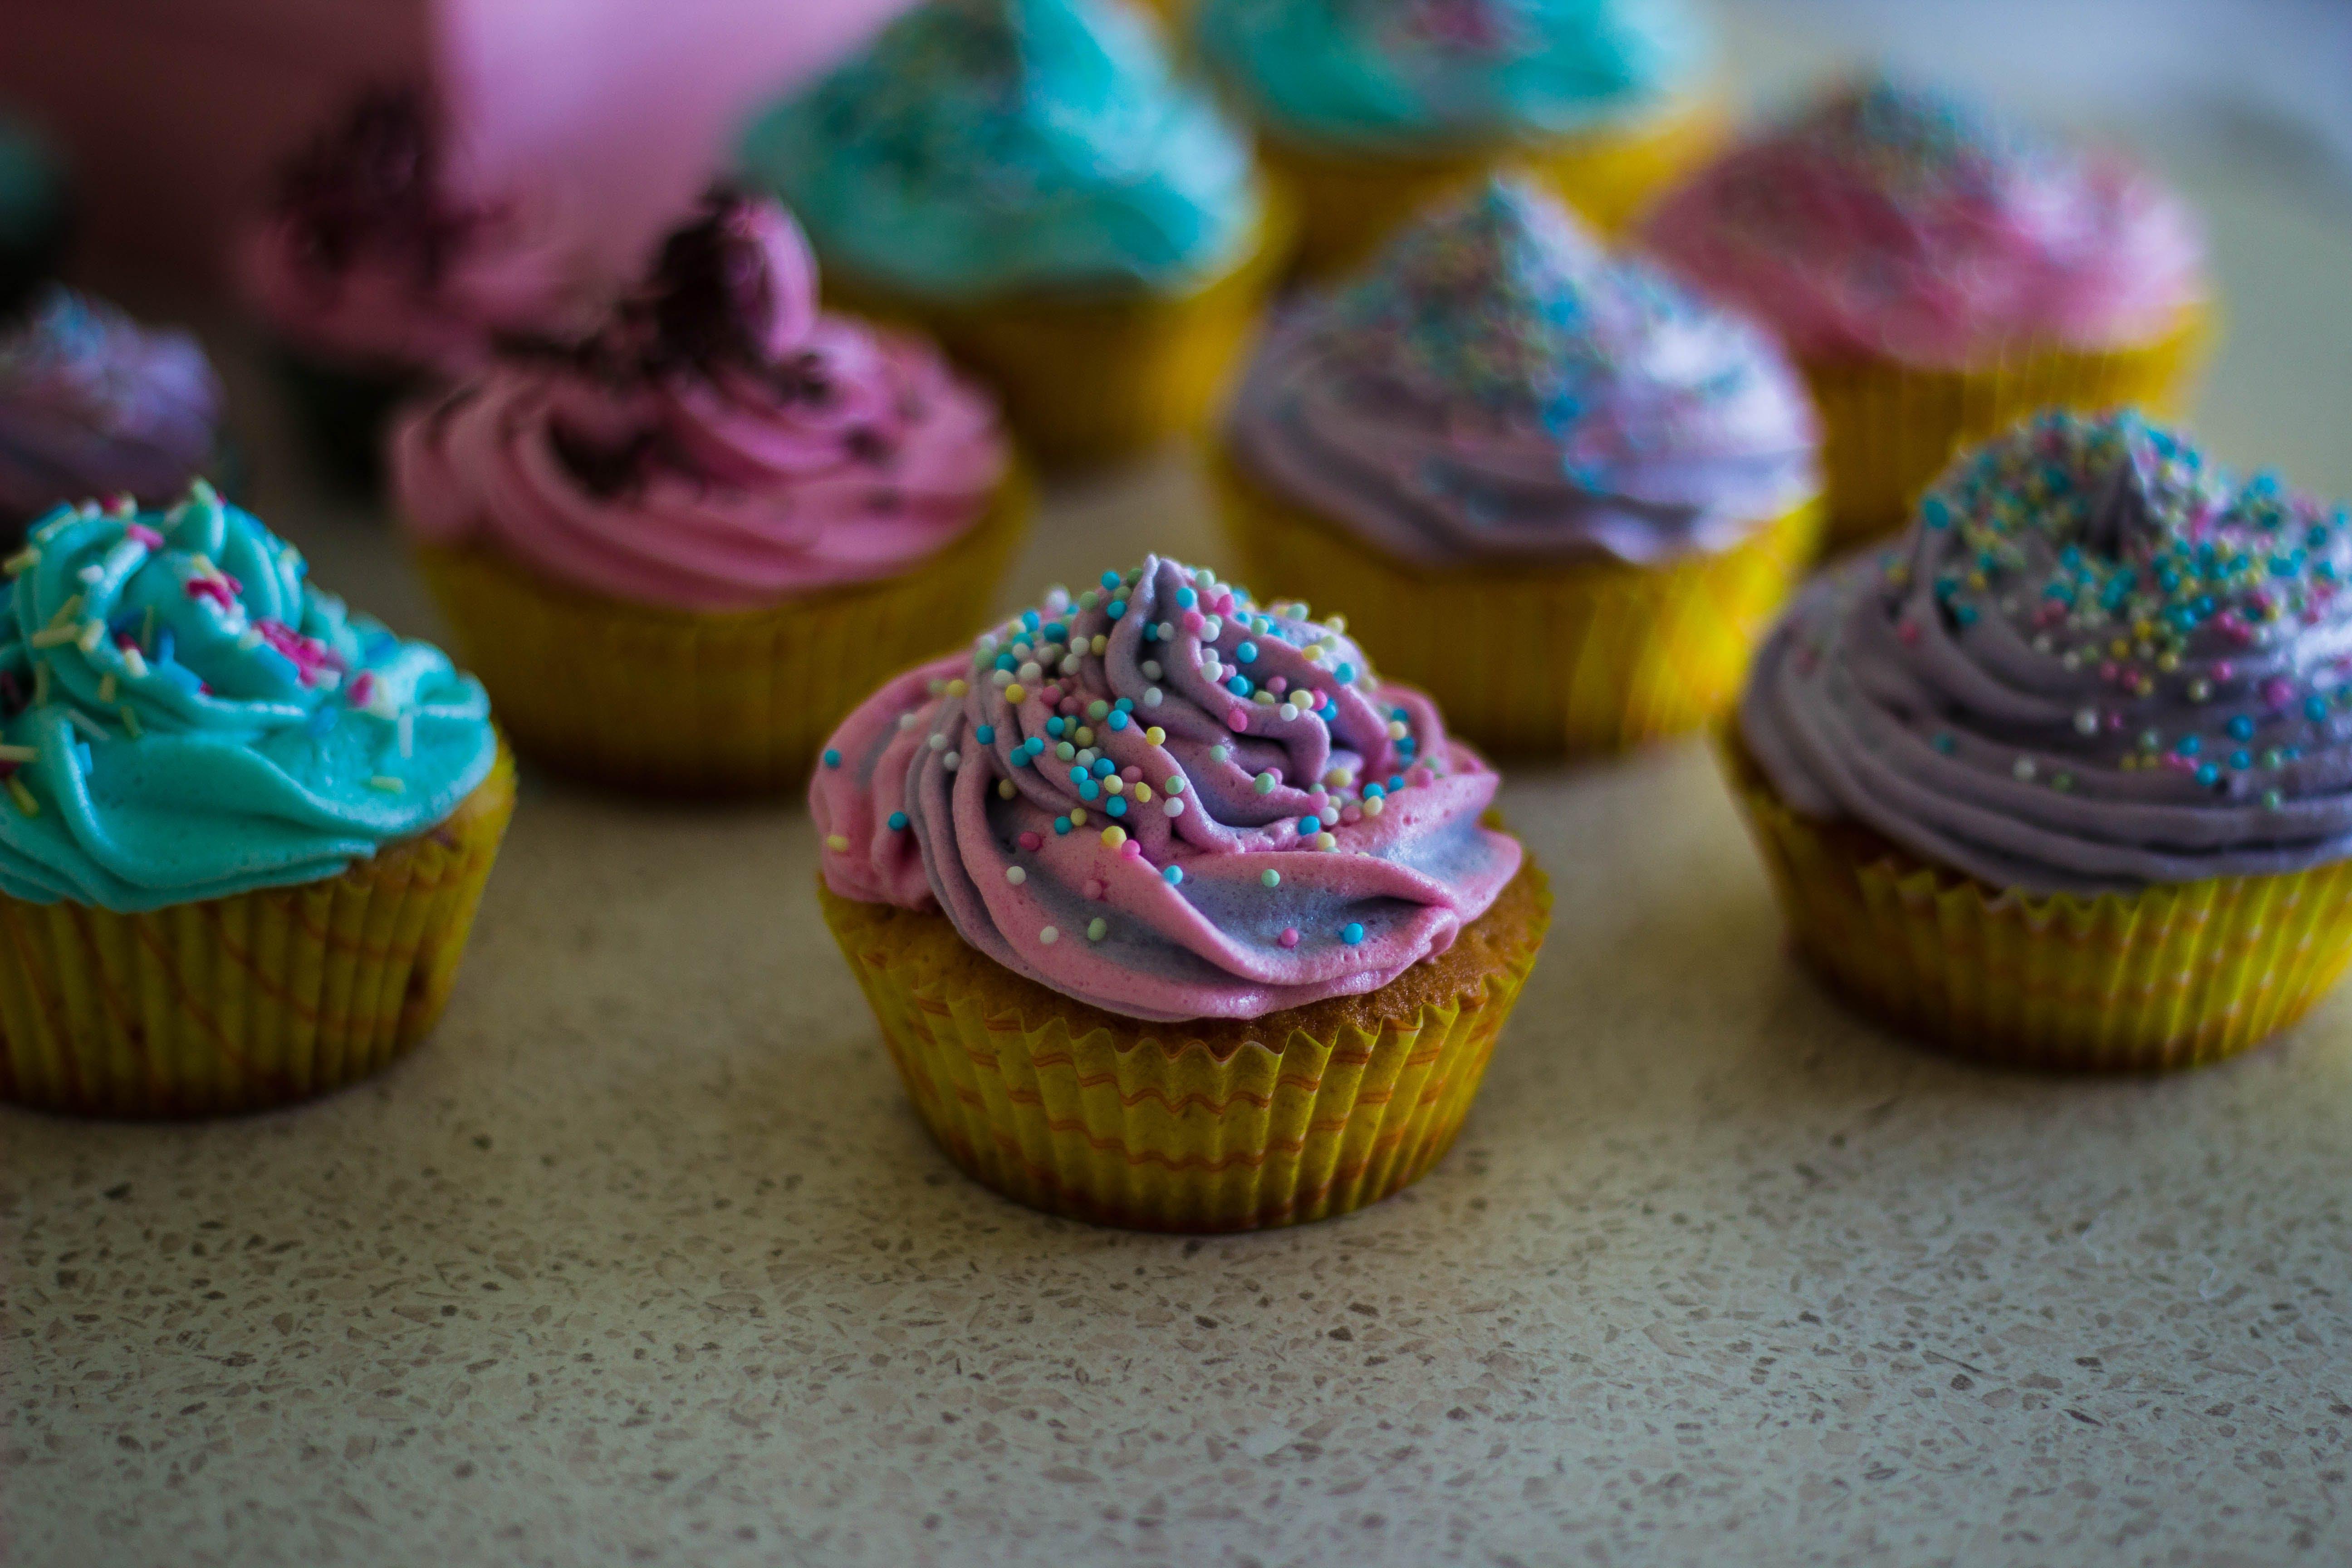 Kostenloses Stock Foto zu bunt, cupcakes, backwaren, gebäck